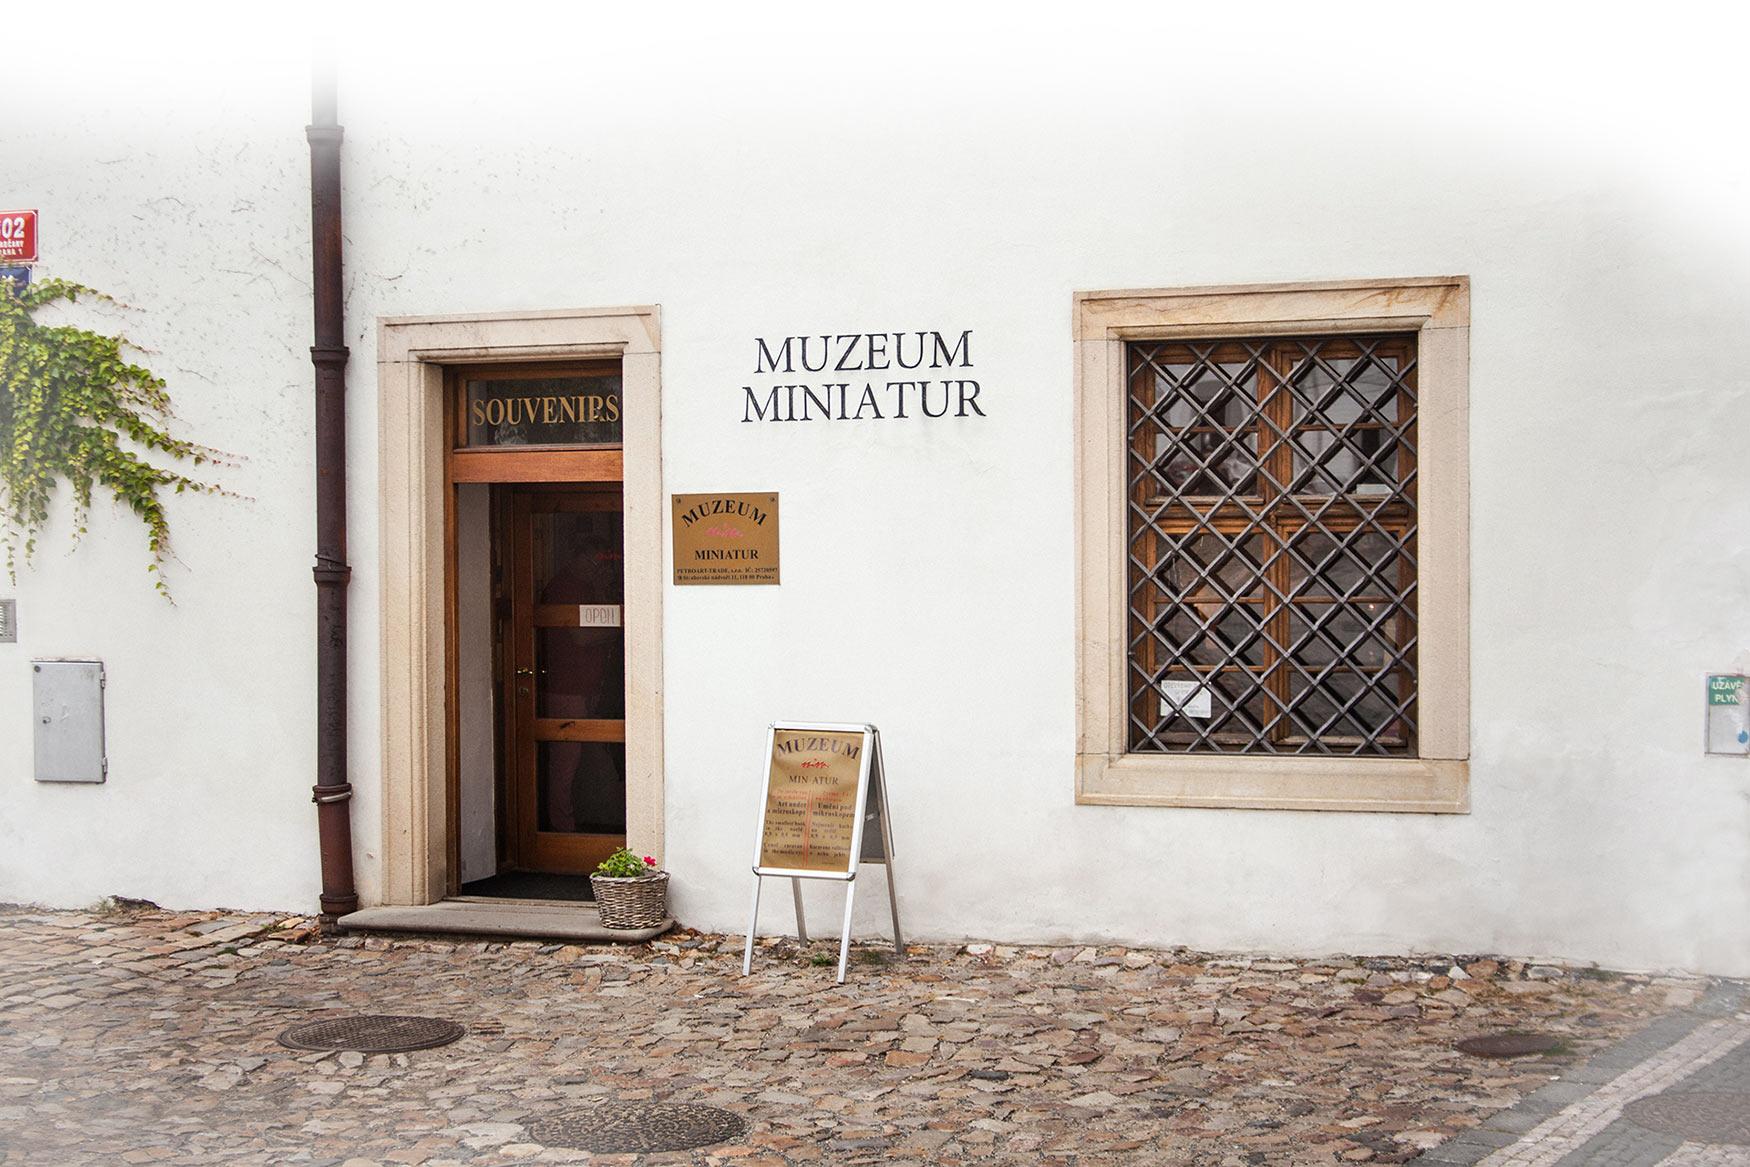 Muzeum miniatur v Praze